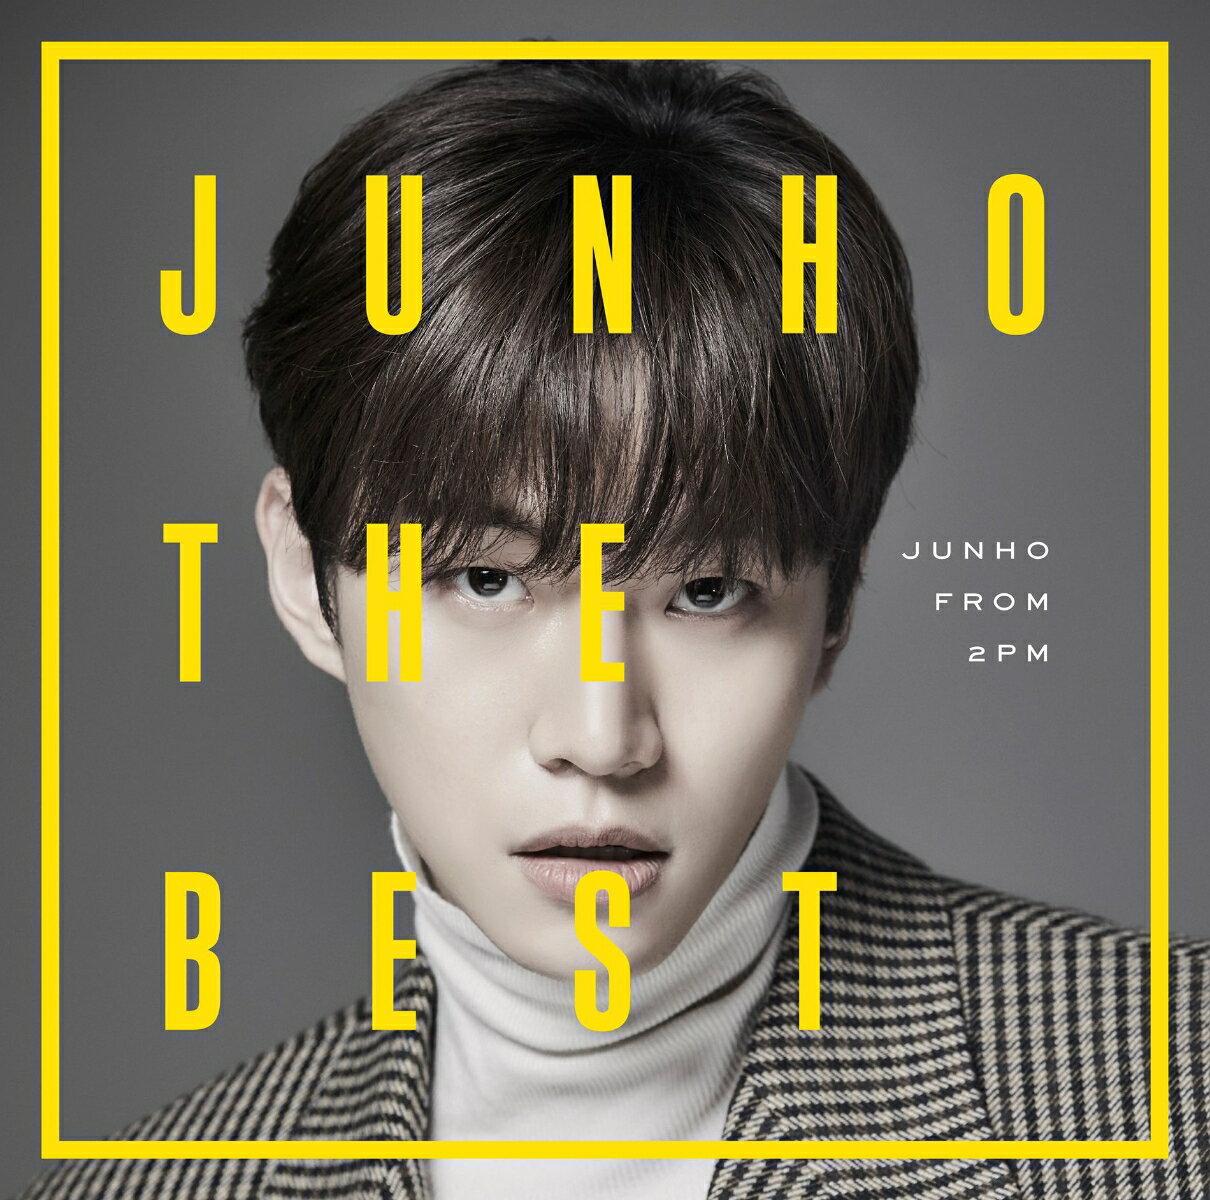 ロック・ポップス, その他 JUNHO THE BEST JUNHO (From 2PM)